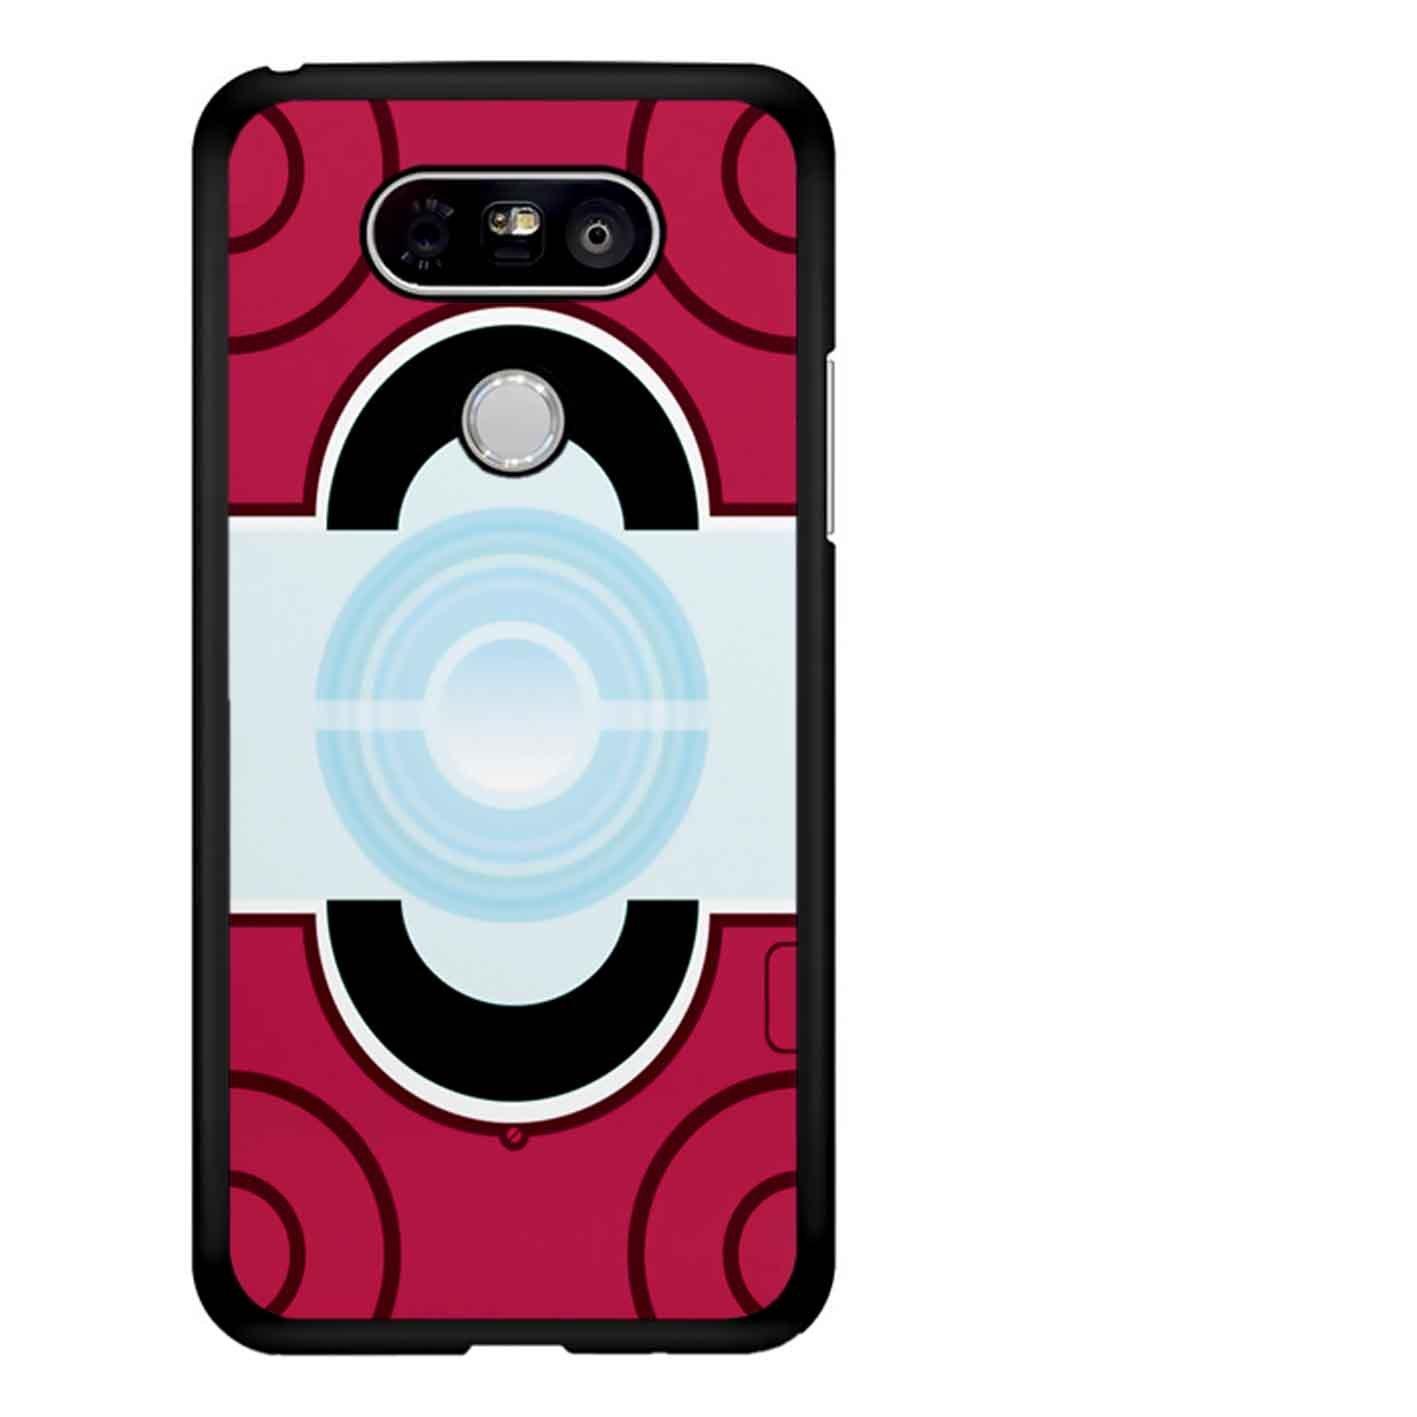 Persoanl ized Design Pokemon LG G3 Case